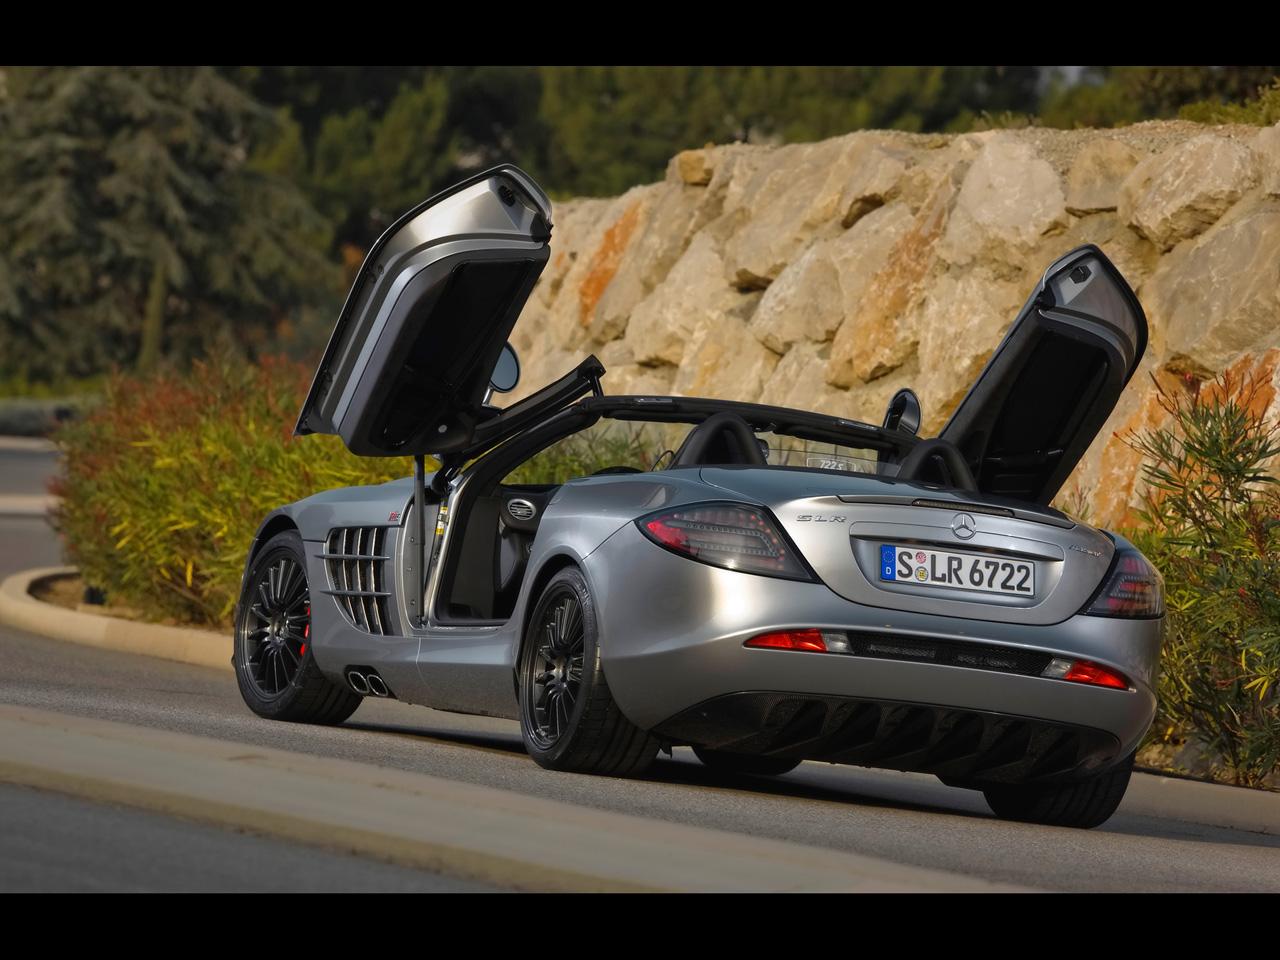 2009-Mercedes-Benz-SLR-McLaren-Roadster-722-S-Rear-Angle-Topless-Open-Doors-1280x960.jpg